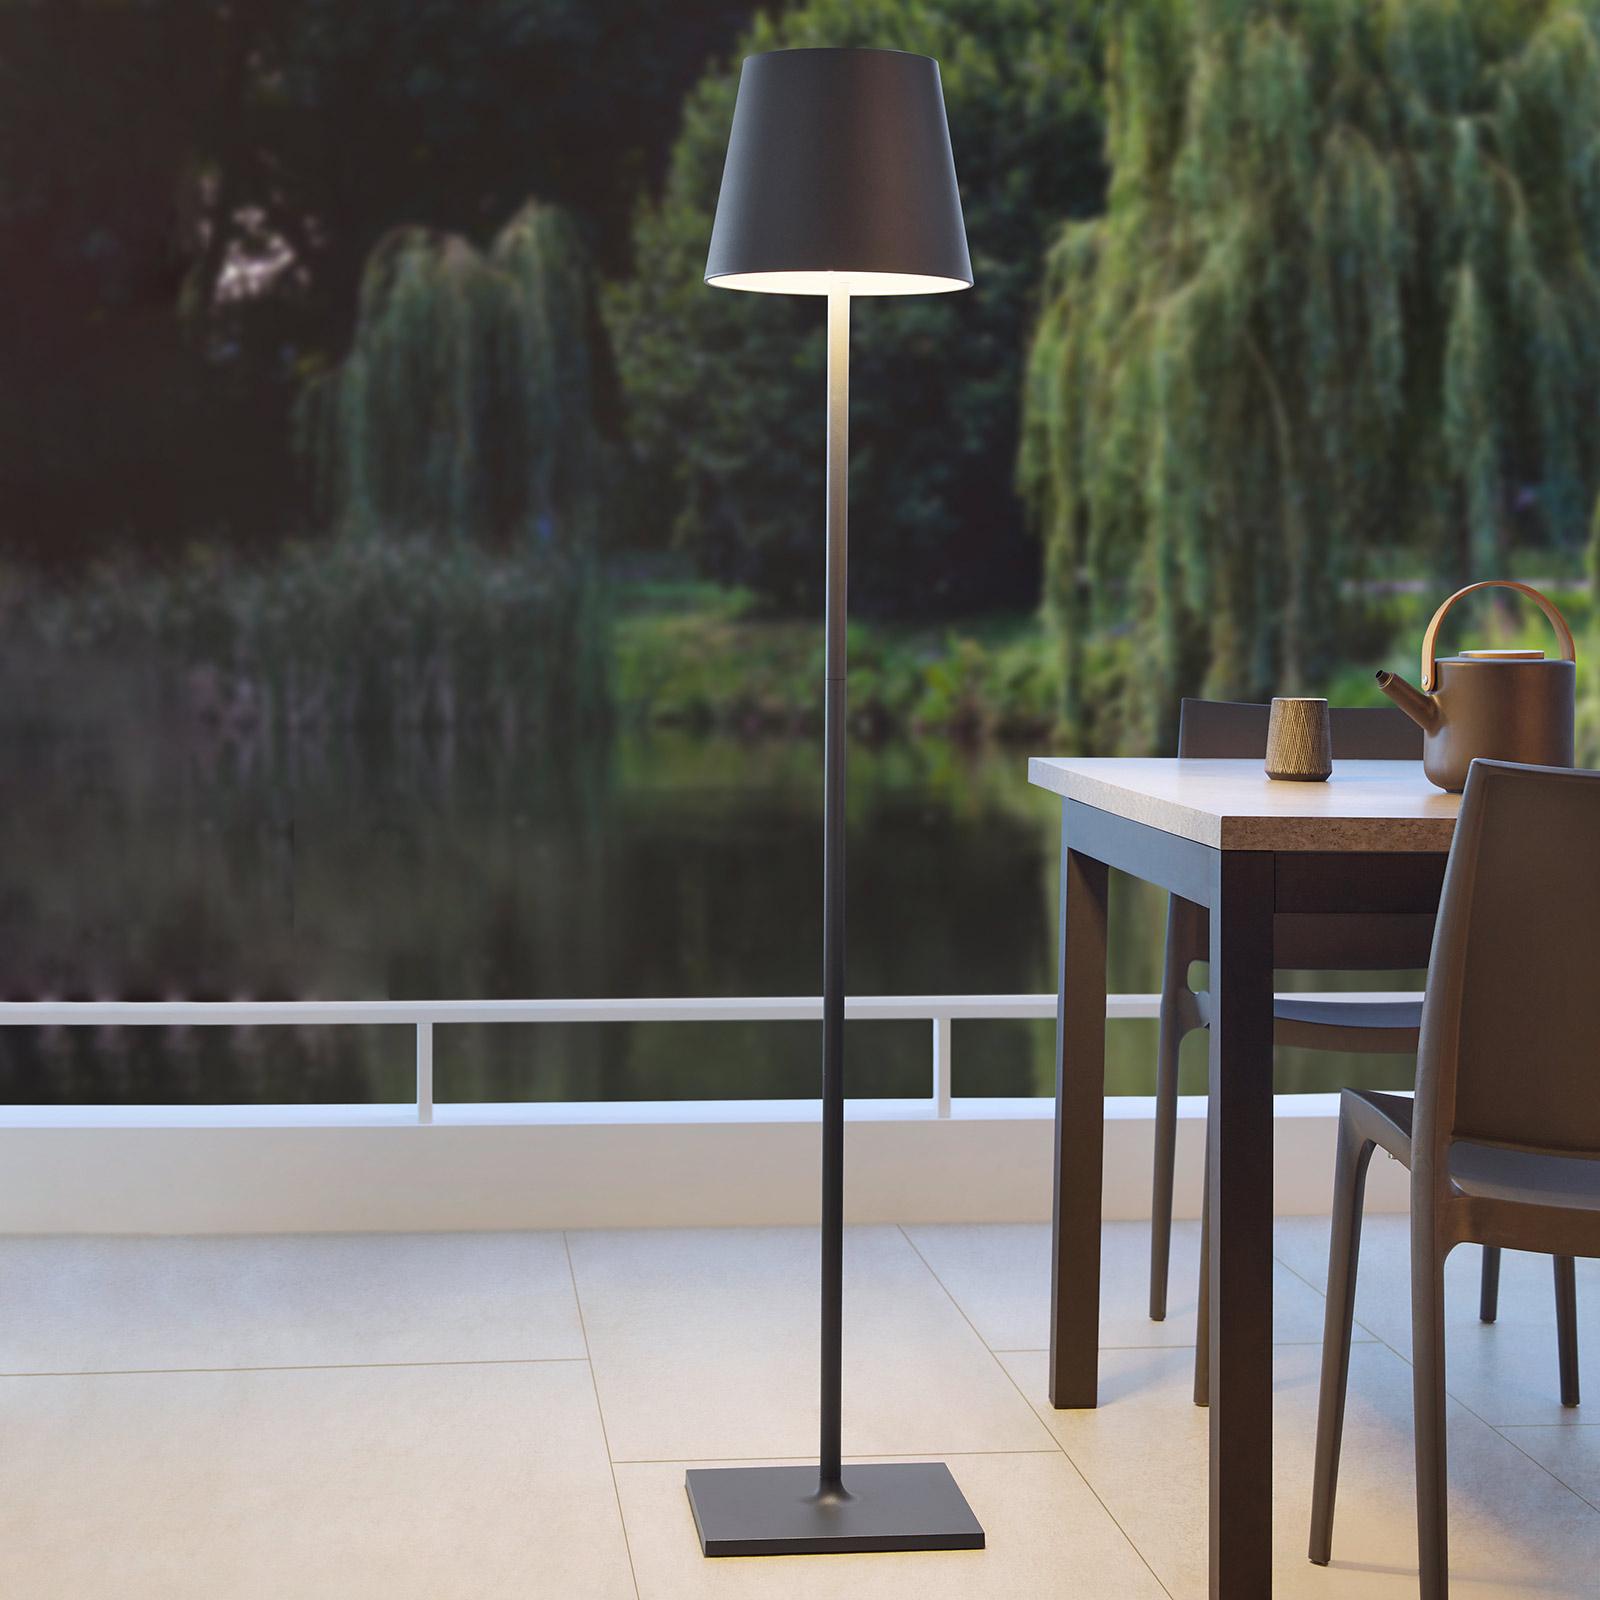 LED-gulvlampe Quint Outdoor, trådløs, antrasitt